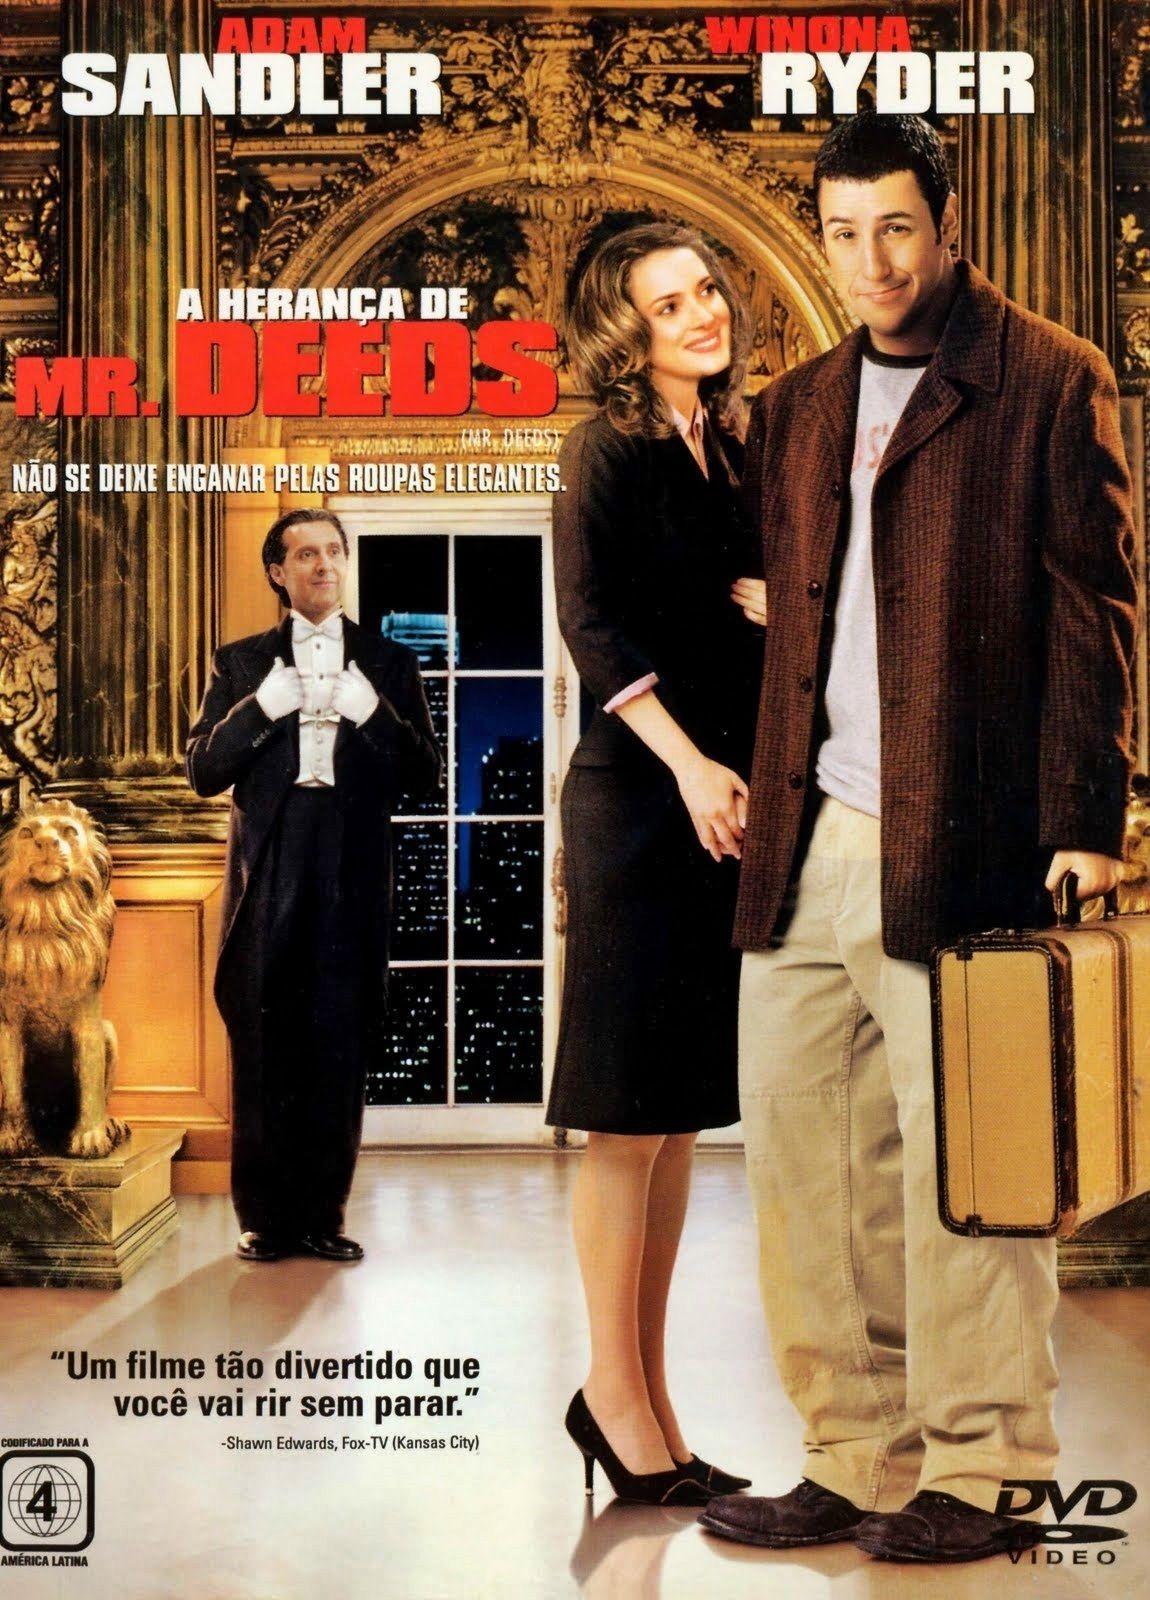 A Heranca De Mr Deeds Capas De Filmes Filmes E Em Breve Nos